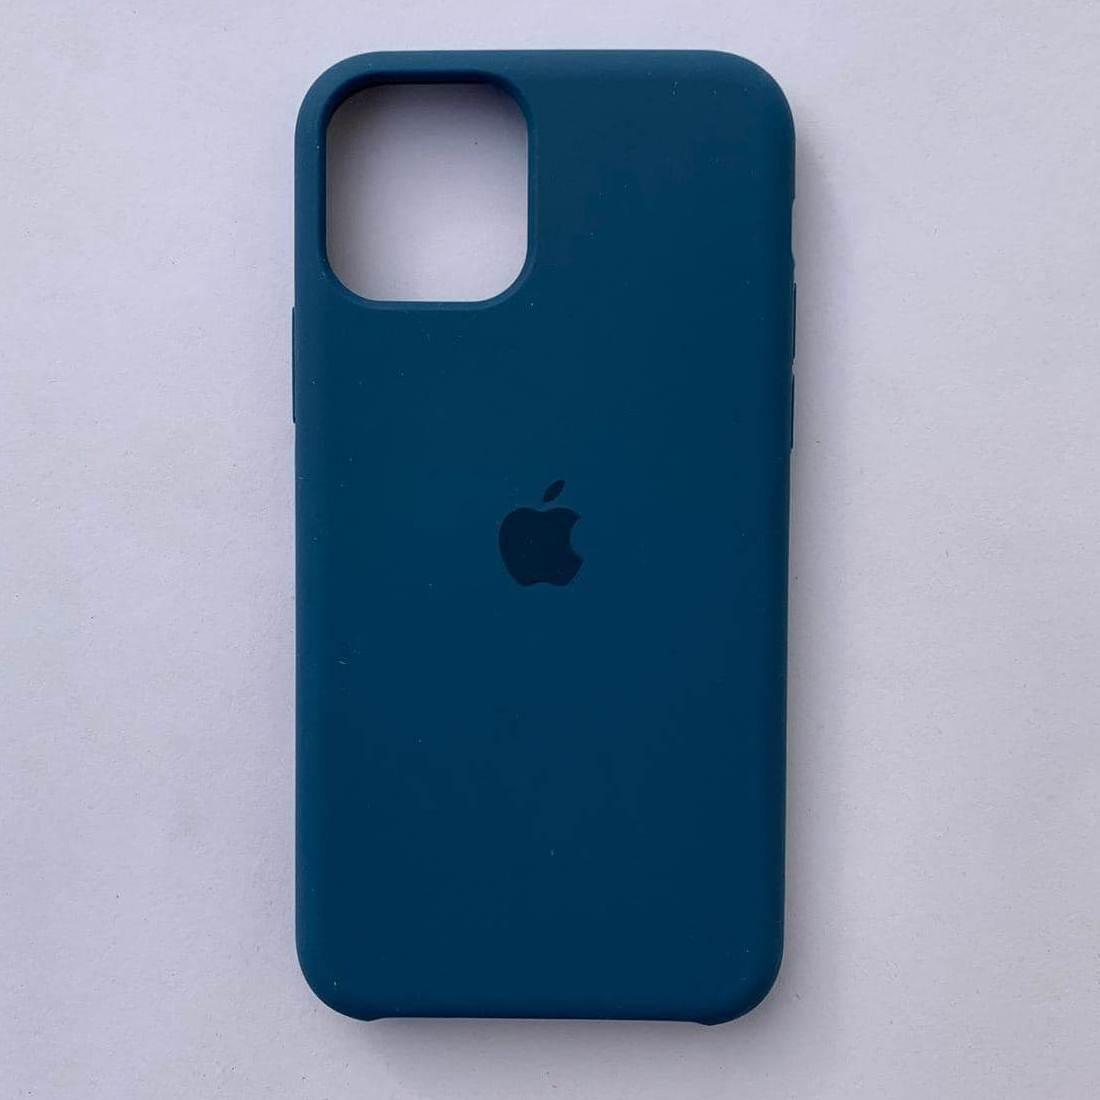 Накладка оригінальна Apple Silicone Case для iPhone 11 Pro Max Ocean Blue